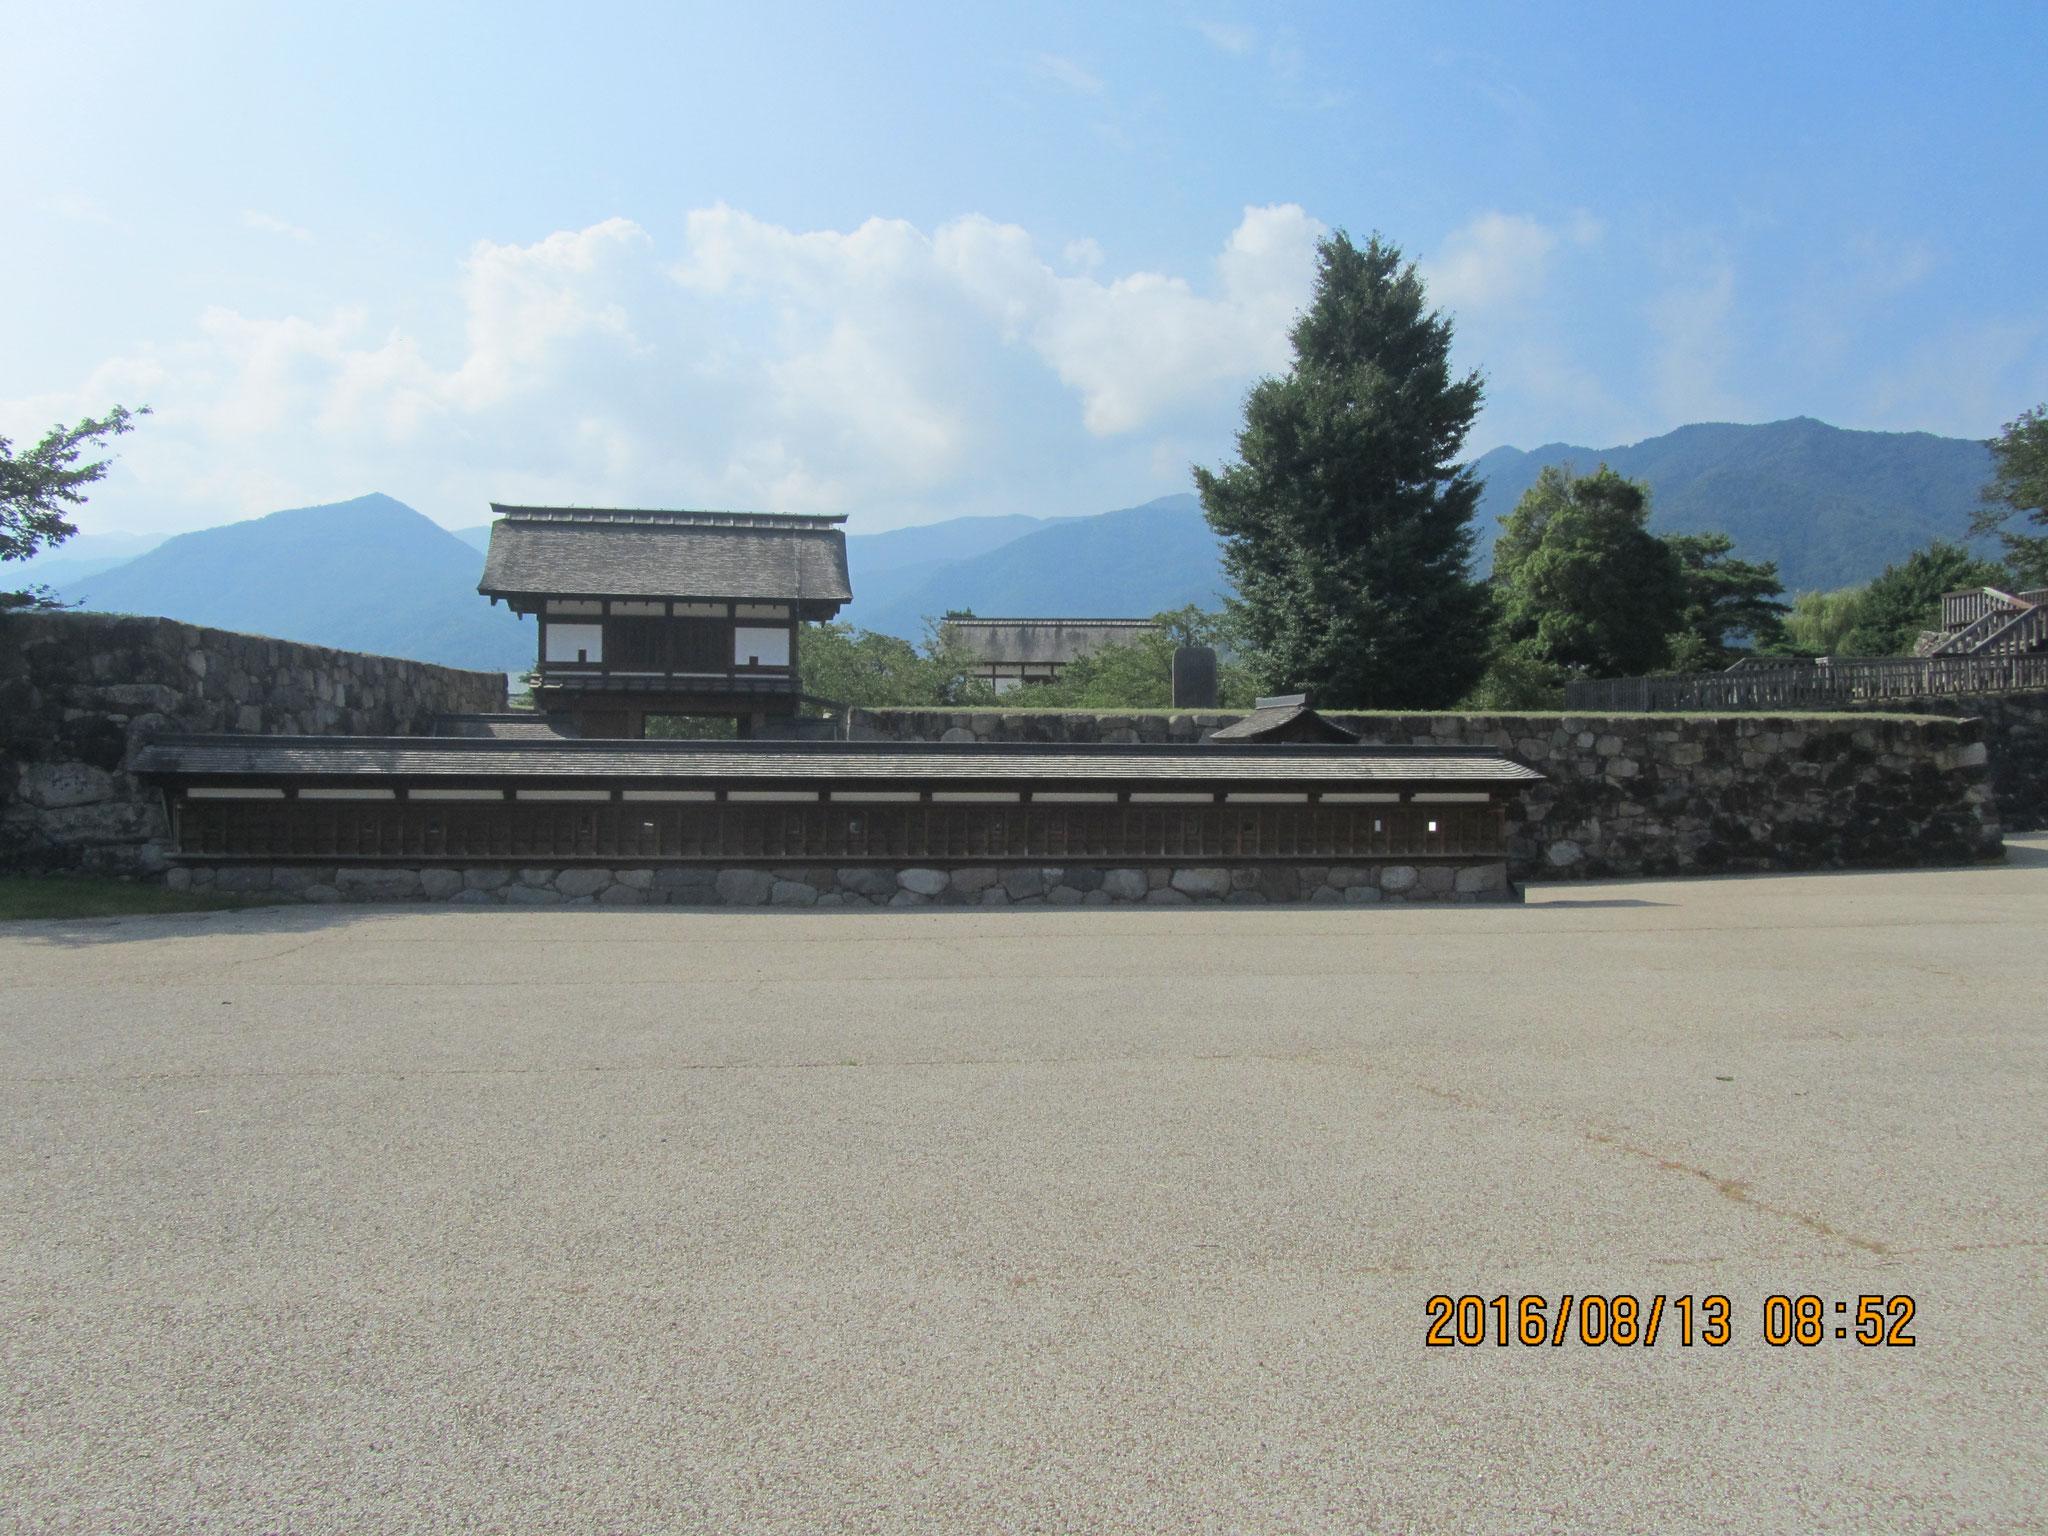 松代城は武田信玄の名言「人は城、人は石垣、人は堀、情(なさけ)は味方、仇(かたき)は敵なり」を彷彿させます。